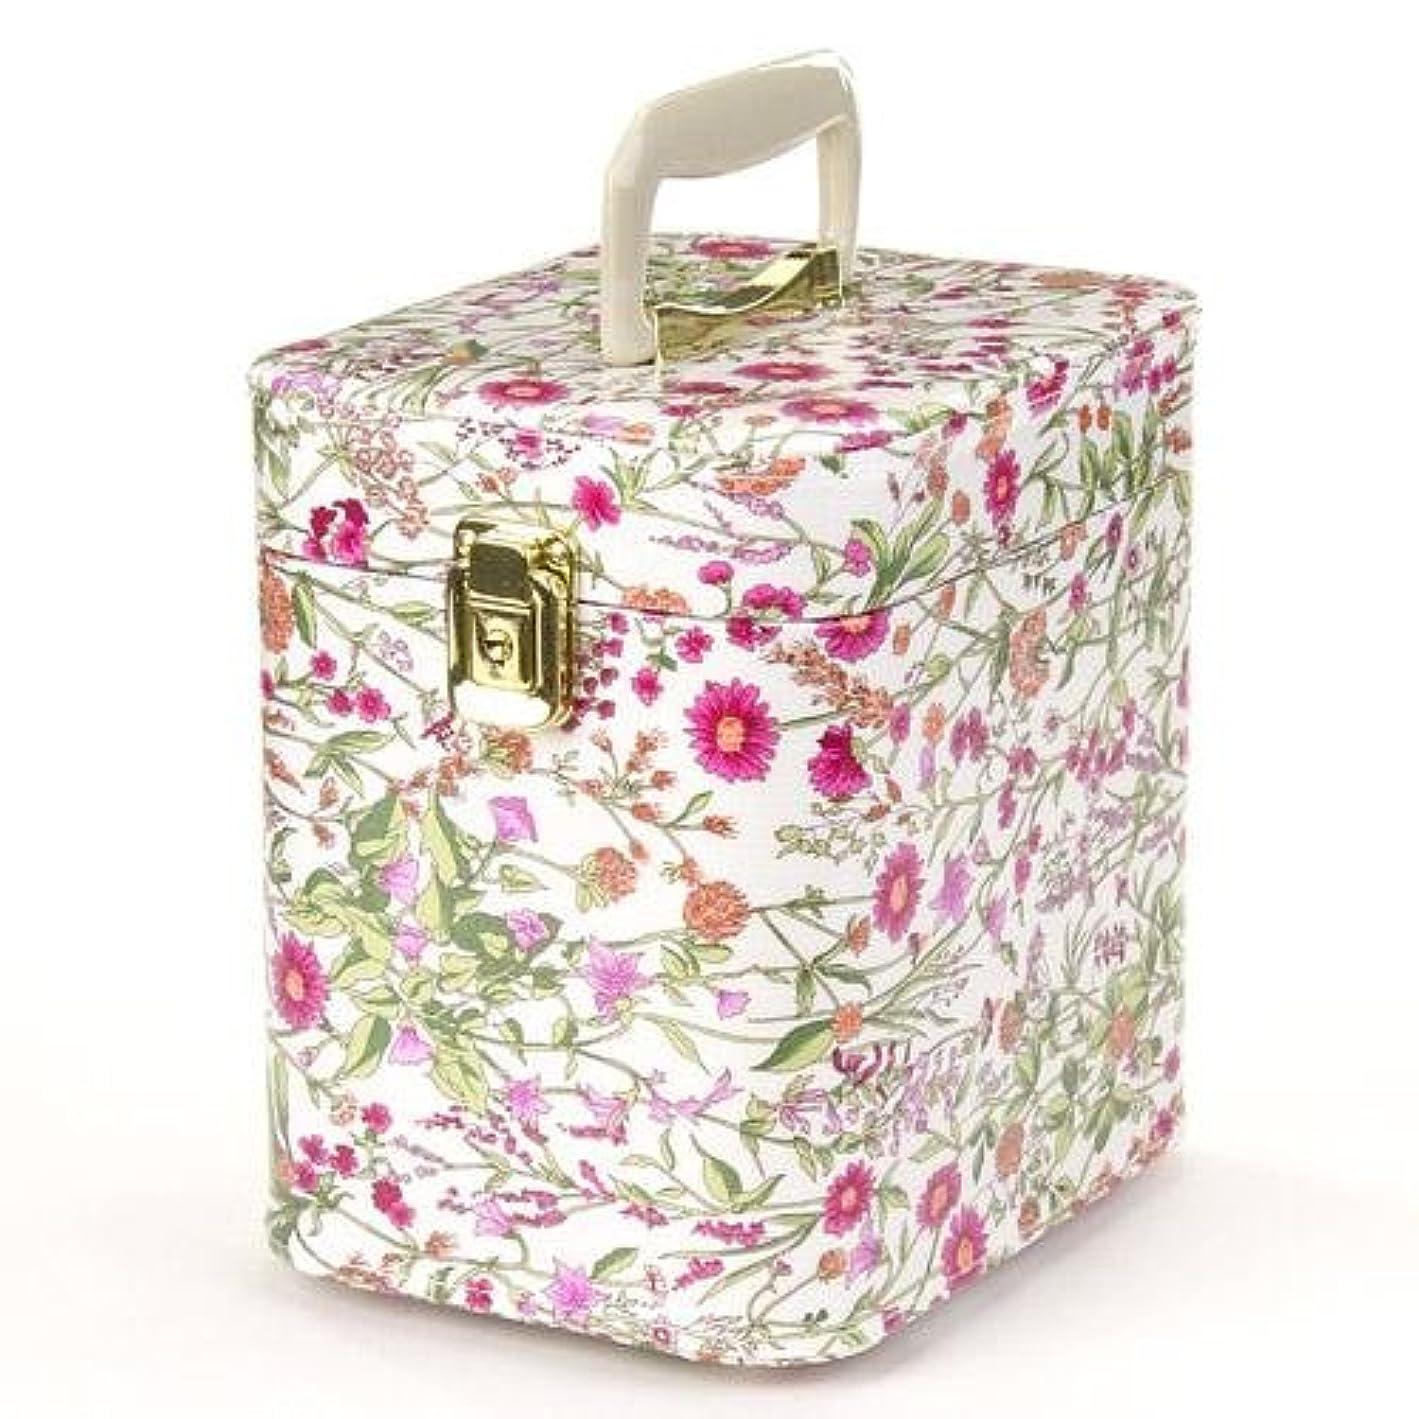 アルカトラズ島ノイズ知覚する日本製 メイクボックス トレンケース ハーブガーデン 7寸 ピンク  (鍵付き/コスメボックス)